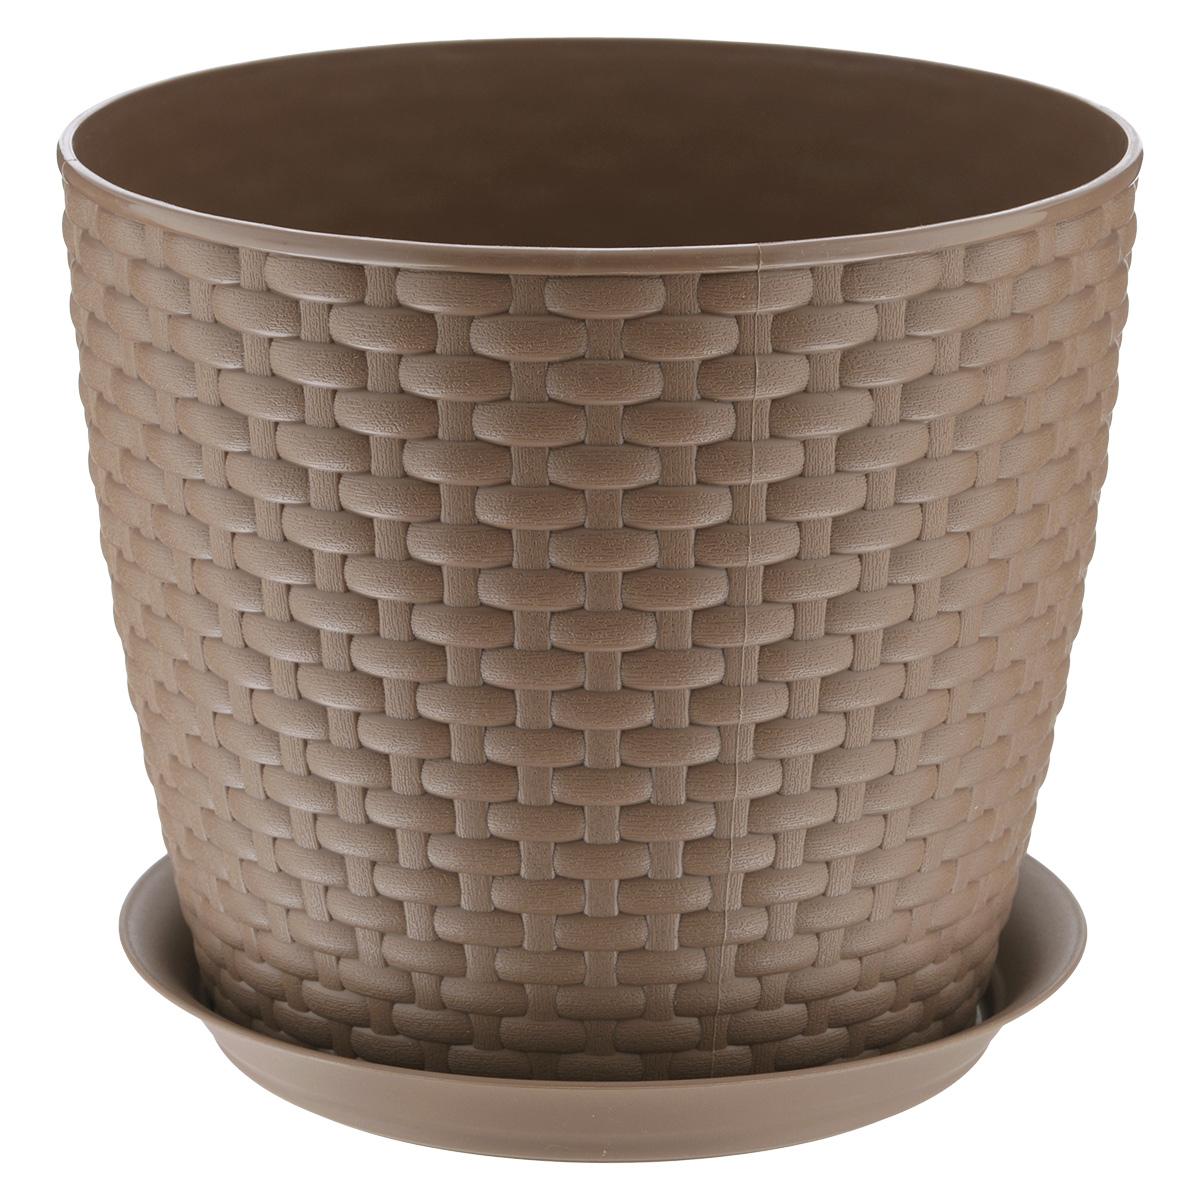 Кашпо Idea Ротанг, с поддоном, цвет: бежевый, 2 лМ 3081Кашпо Idea Ротанг изготовлено из высококачественного пластика. Специальный поддон предназначен для стока воды. Изделие прекрасно подходит для выращивания растений и цветов в домашних условиях. Лаконичный дизайн впишется в интерьер любого помещения. Диаметр поддона: 15,5 см. Объем кашпо: 2 л. Диаметр кашпо по верхнему краю: 15,5 см. Высота кашпо: 13,5 см.